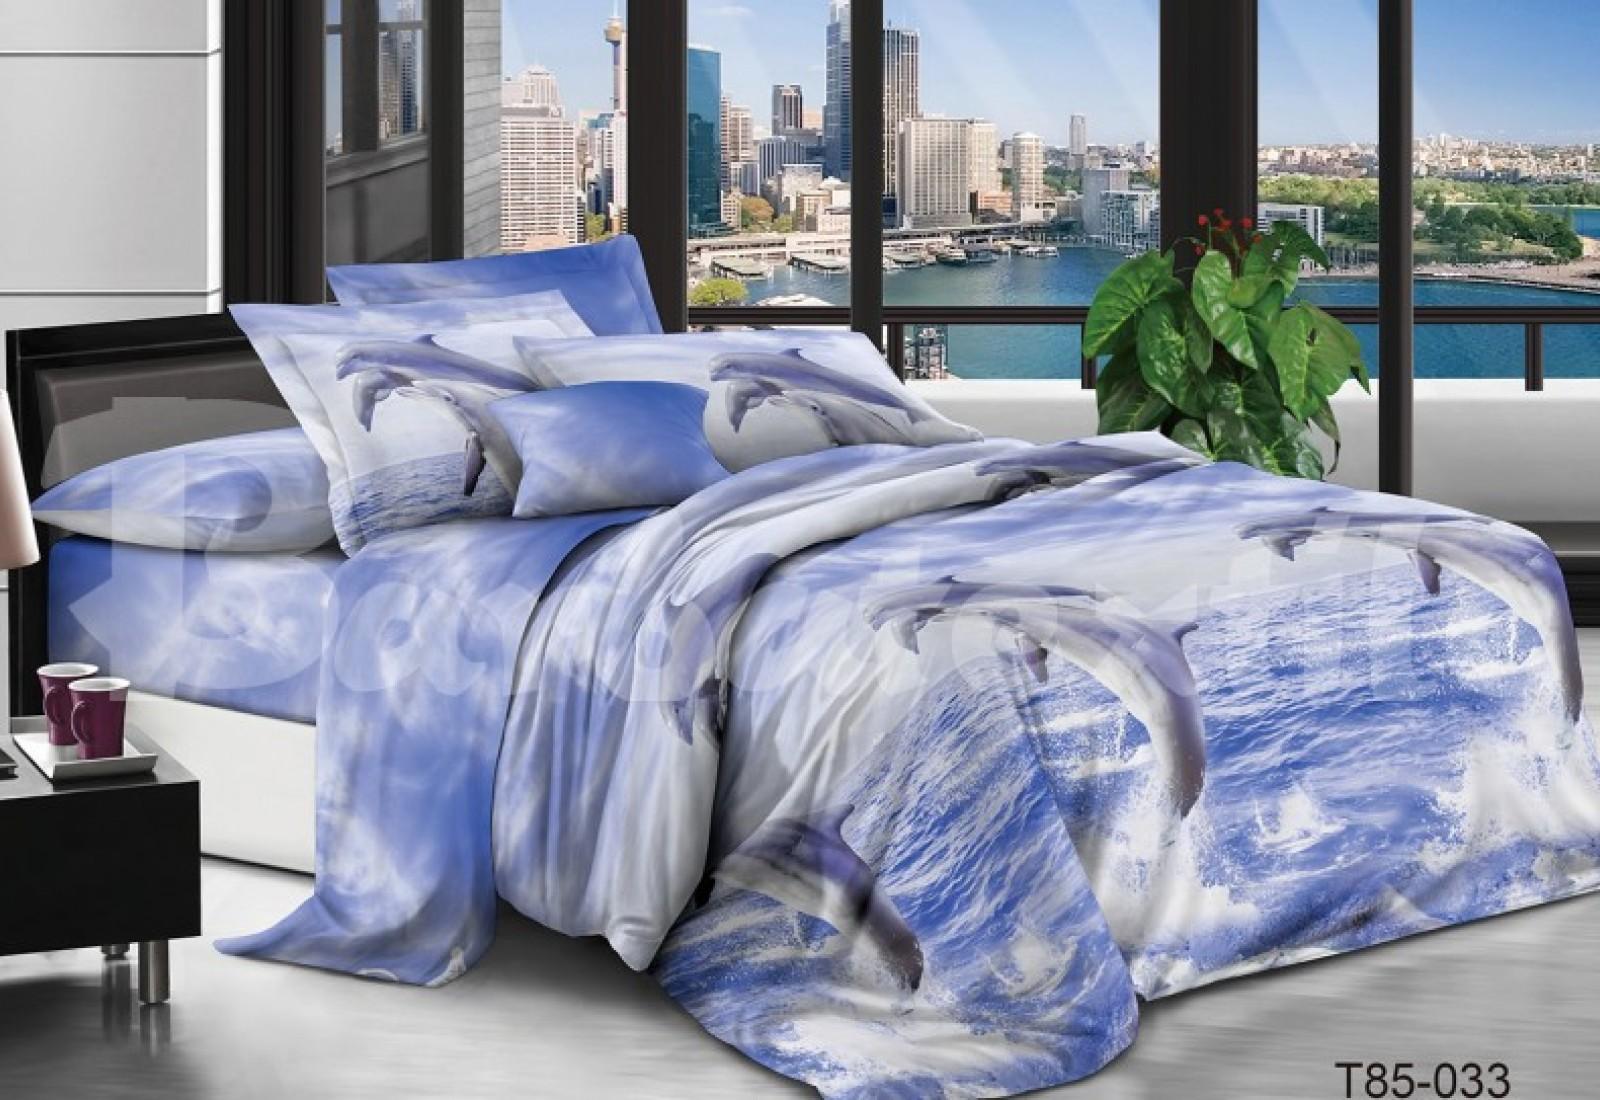 Полуторное постельное белье полиСАТИН 3D (поликоттон) 85033